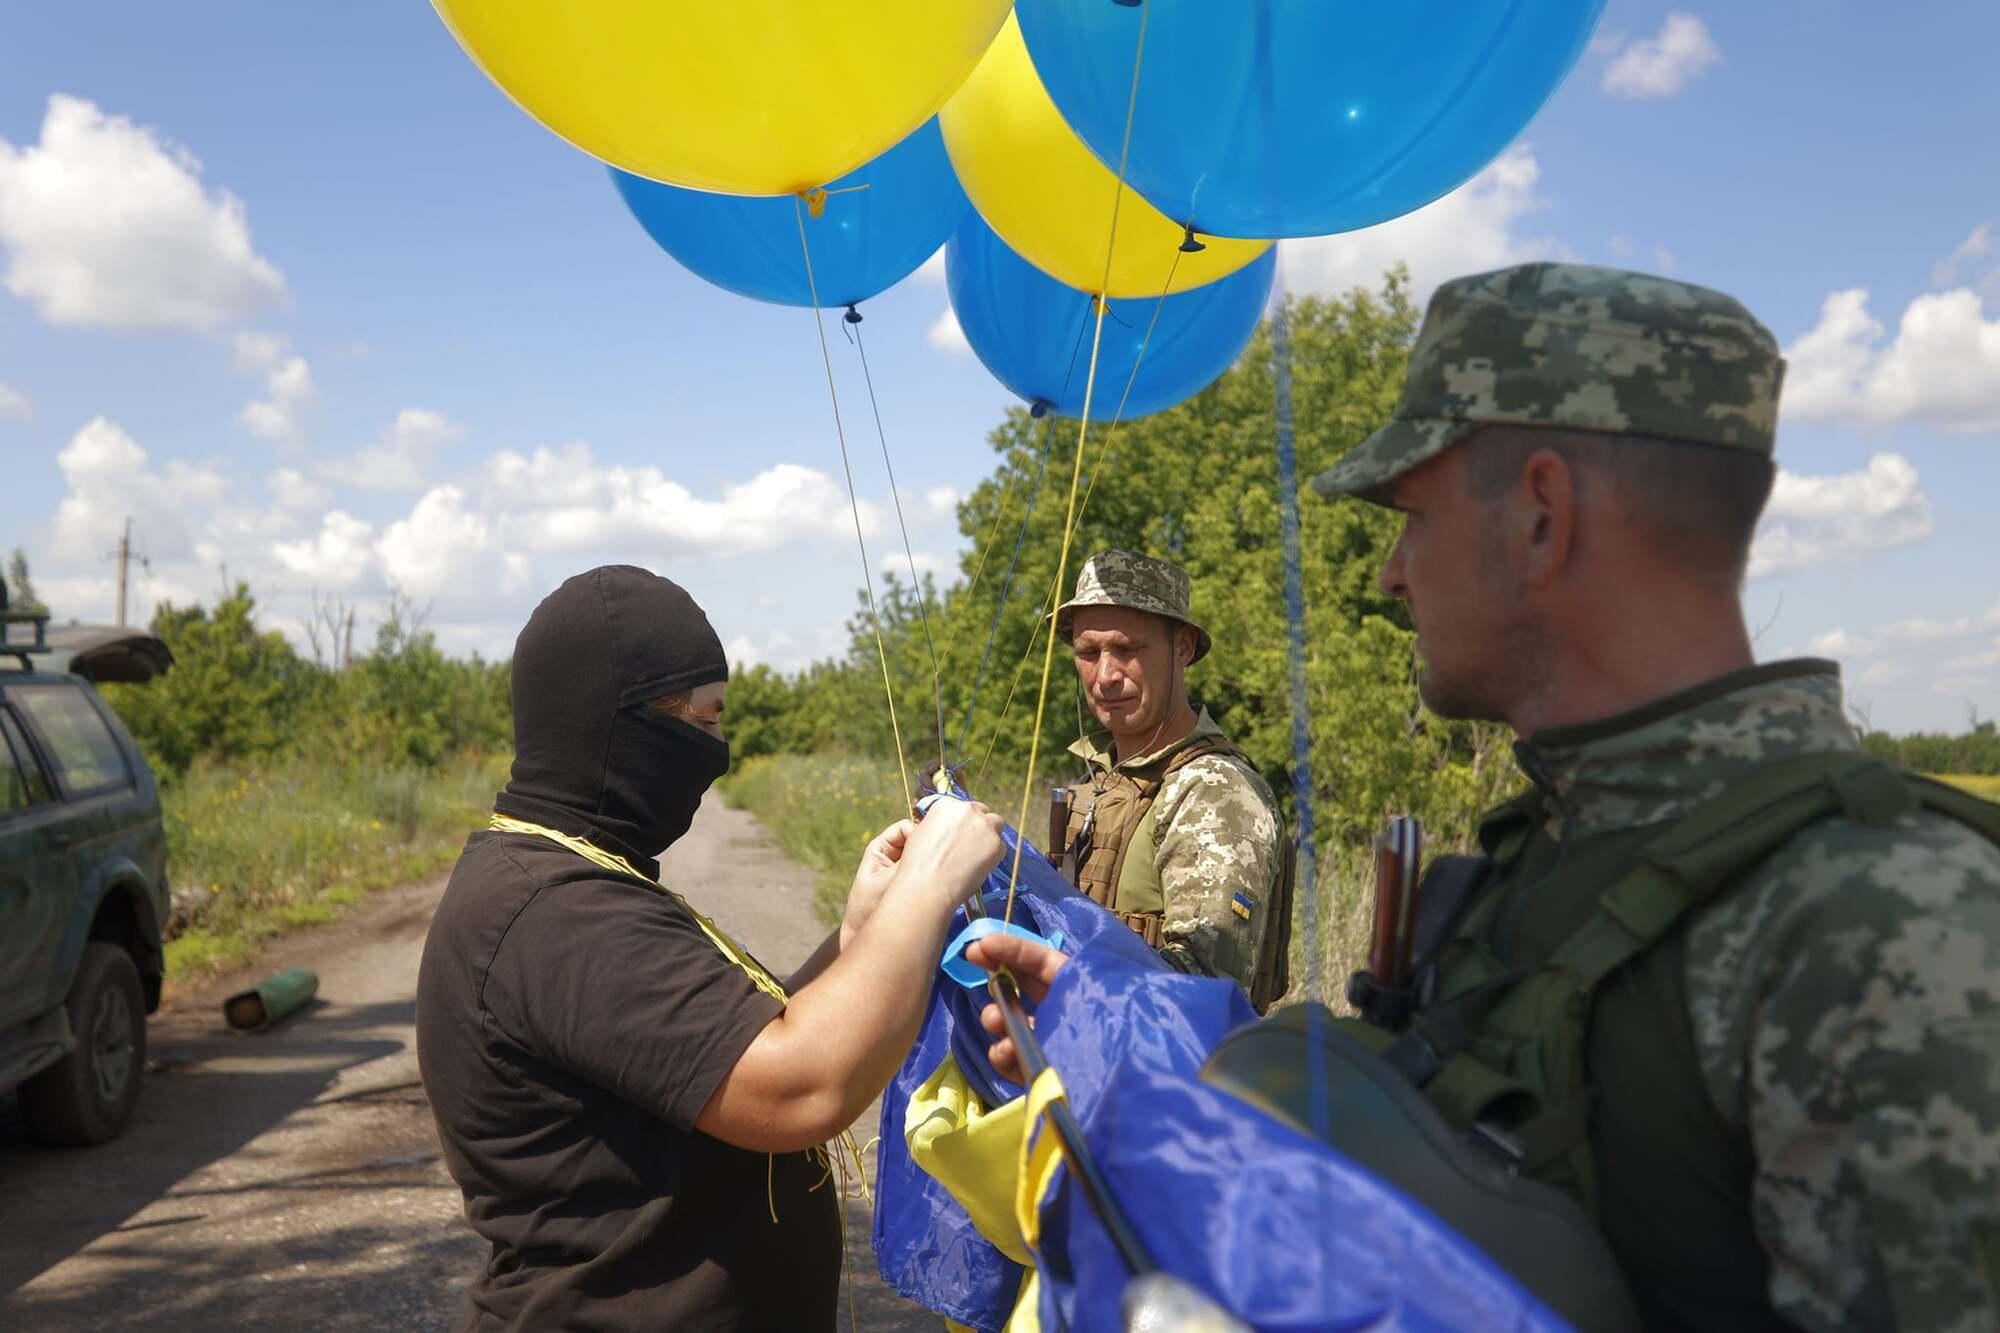 Величезний прапор України запустили на блакитних і жовтих кульках